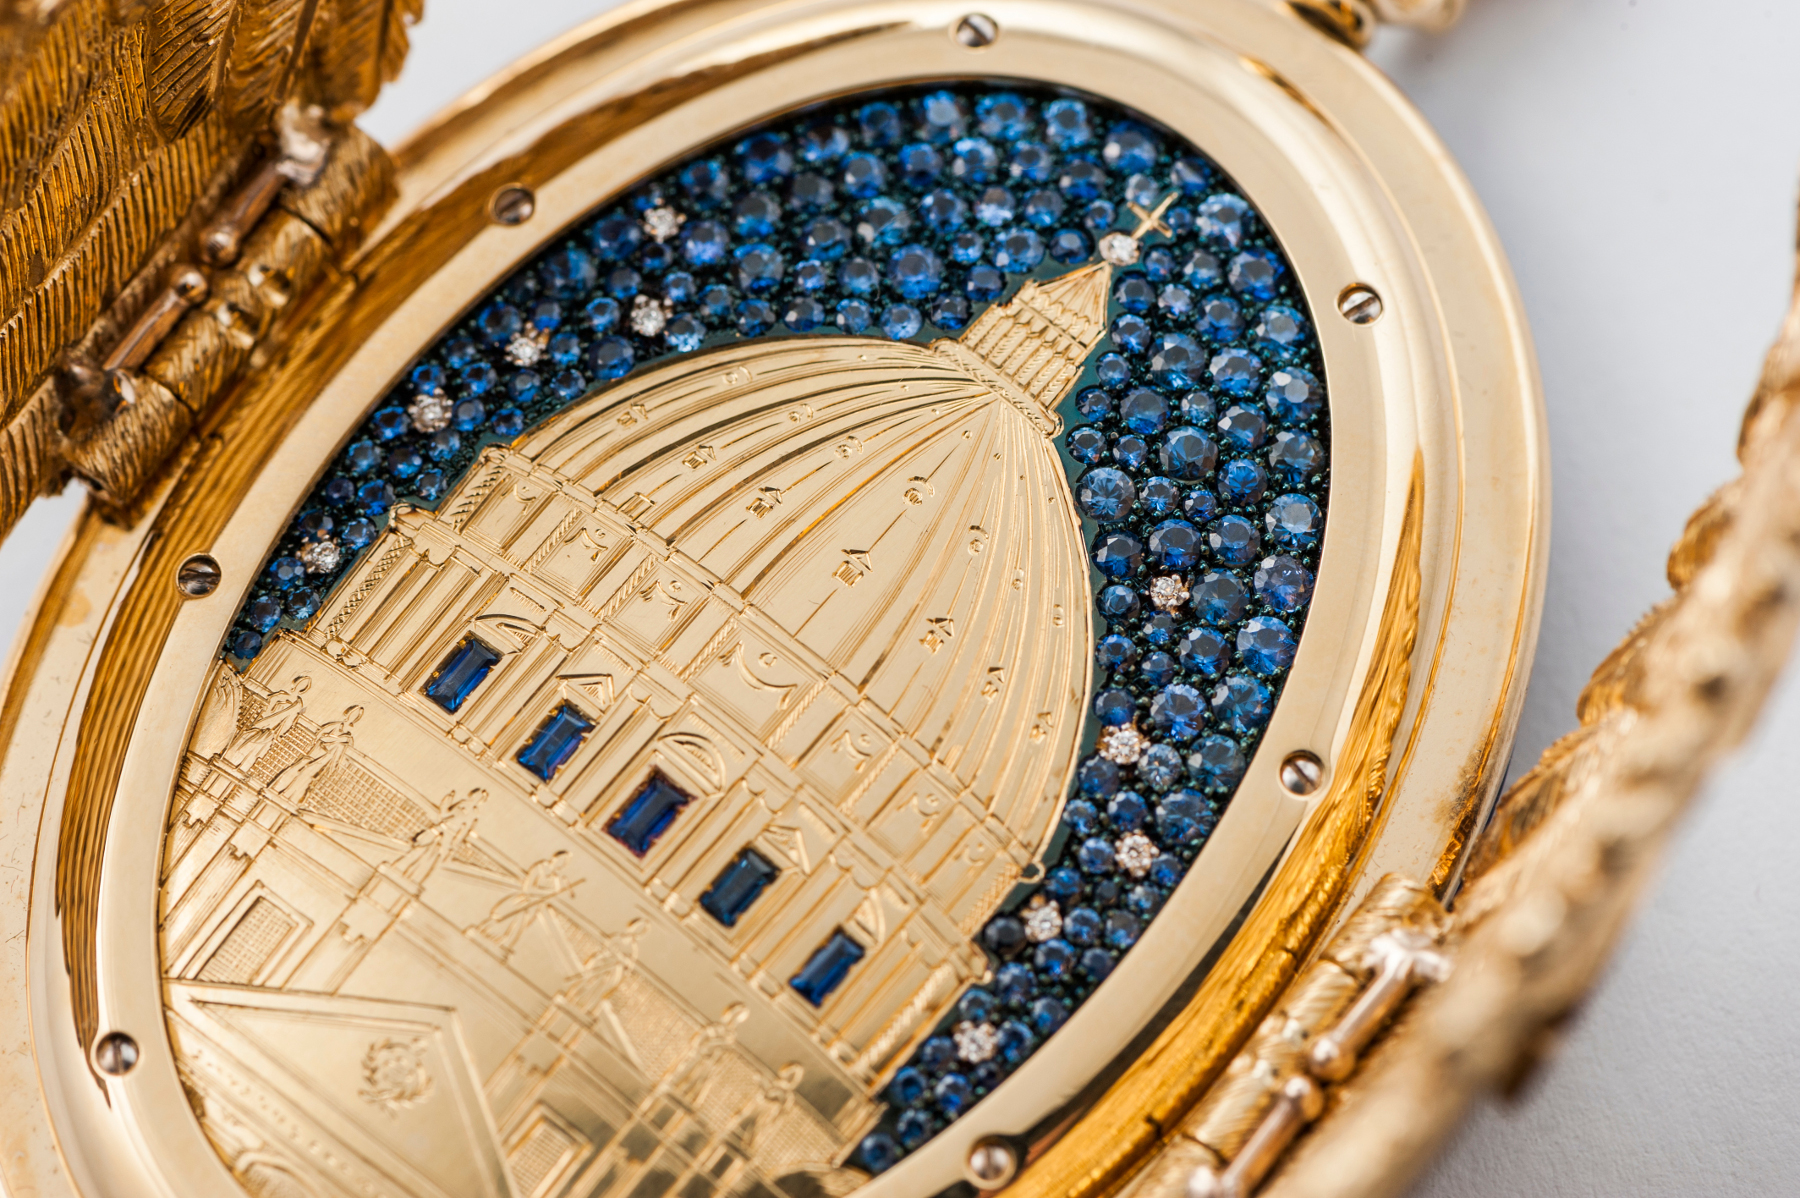 La rappresentazione notturna di S. Pietro, con incisione in oro e cielo stellato in zaffiri e diamanti